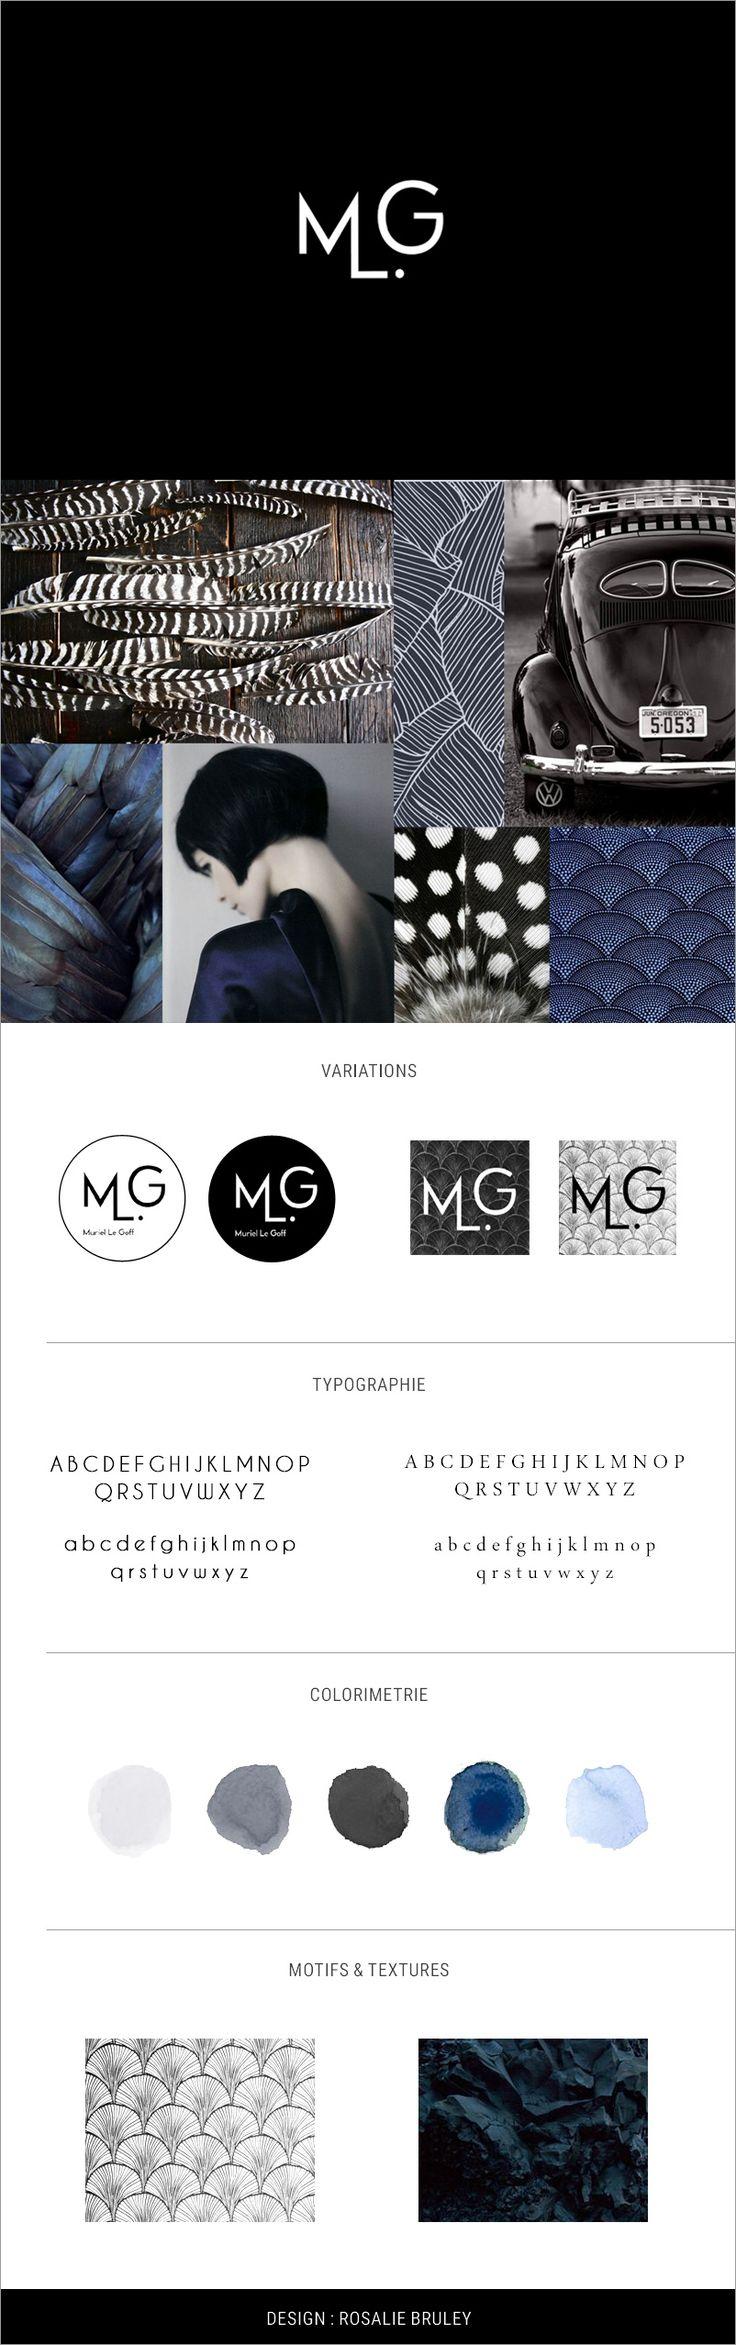 Identité visuelle de Muriel Le Goff, conseil en image. Design : Rosalie Bruley